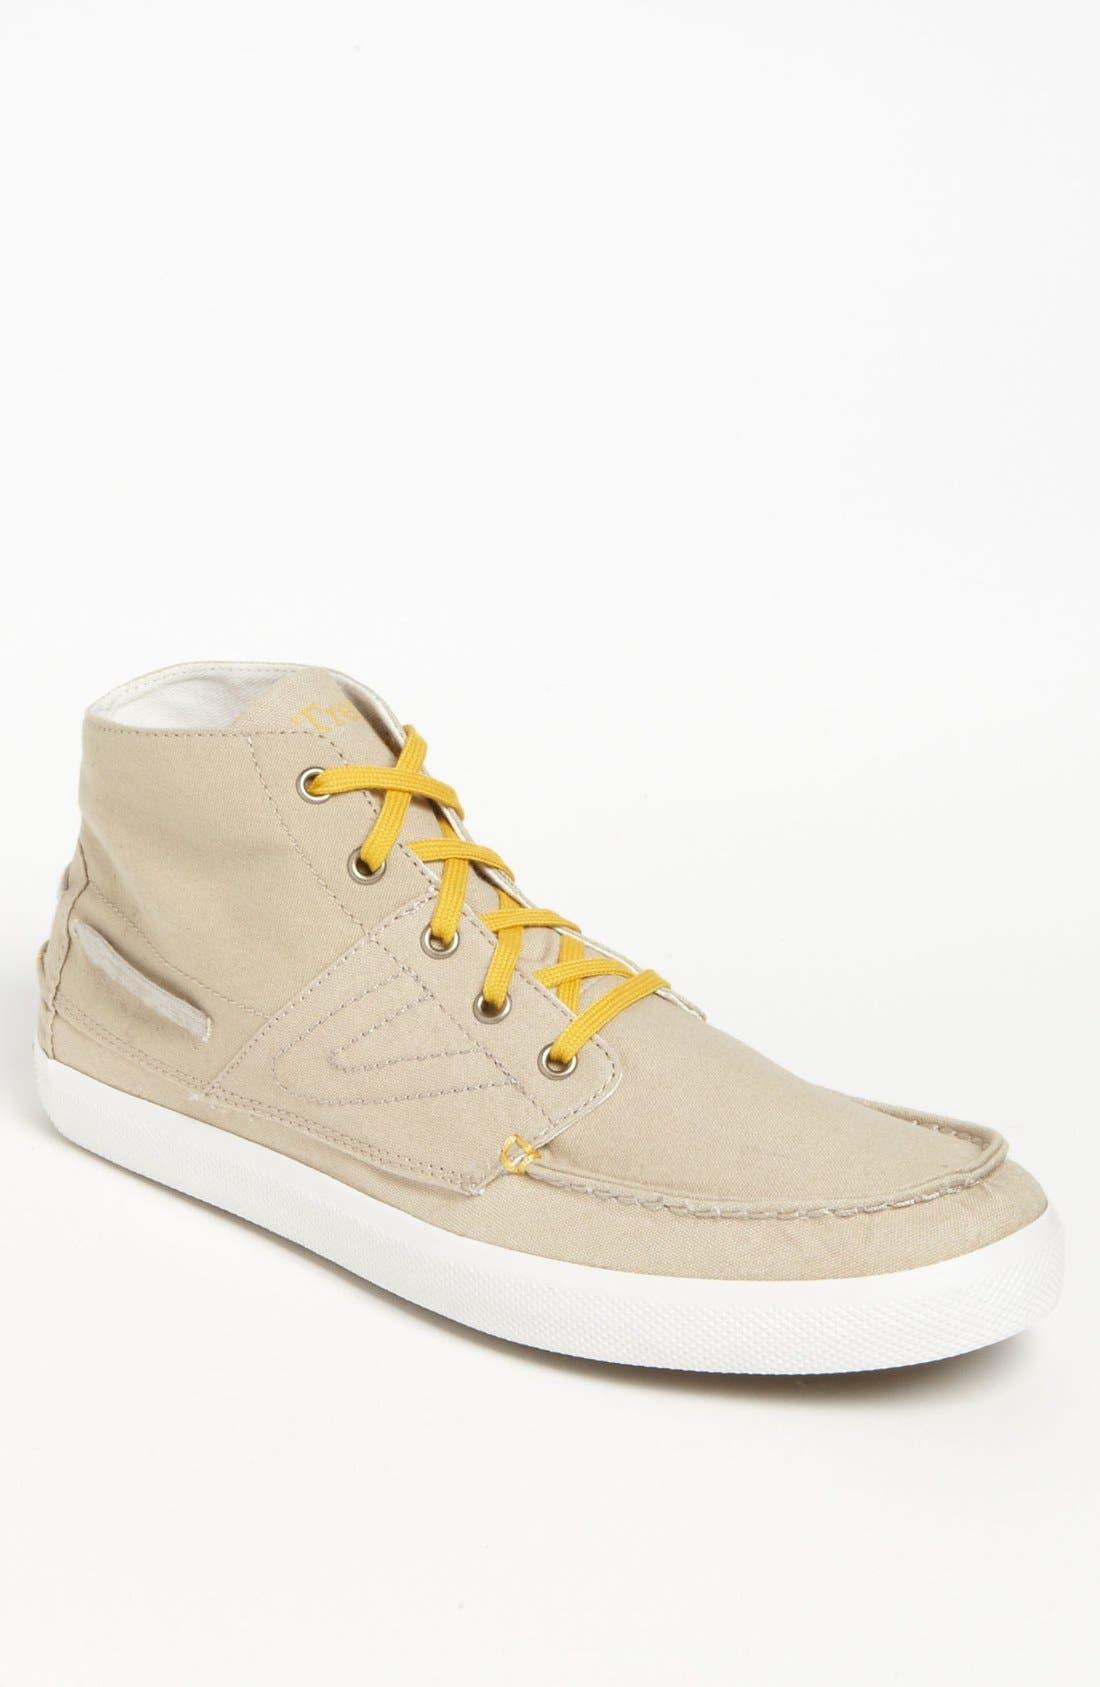 Alternate Image 1 Selected - Tretorn 'Otto Mid' Sneaker (Men)